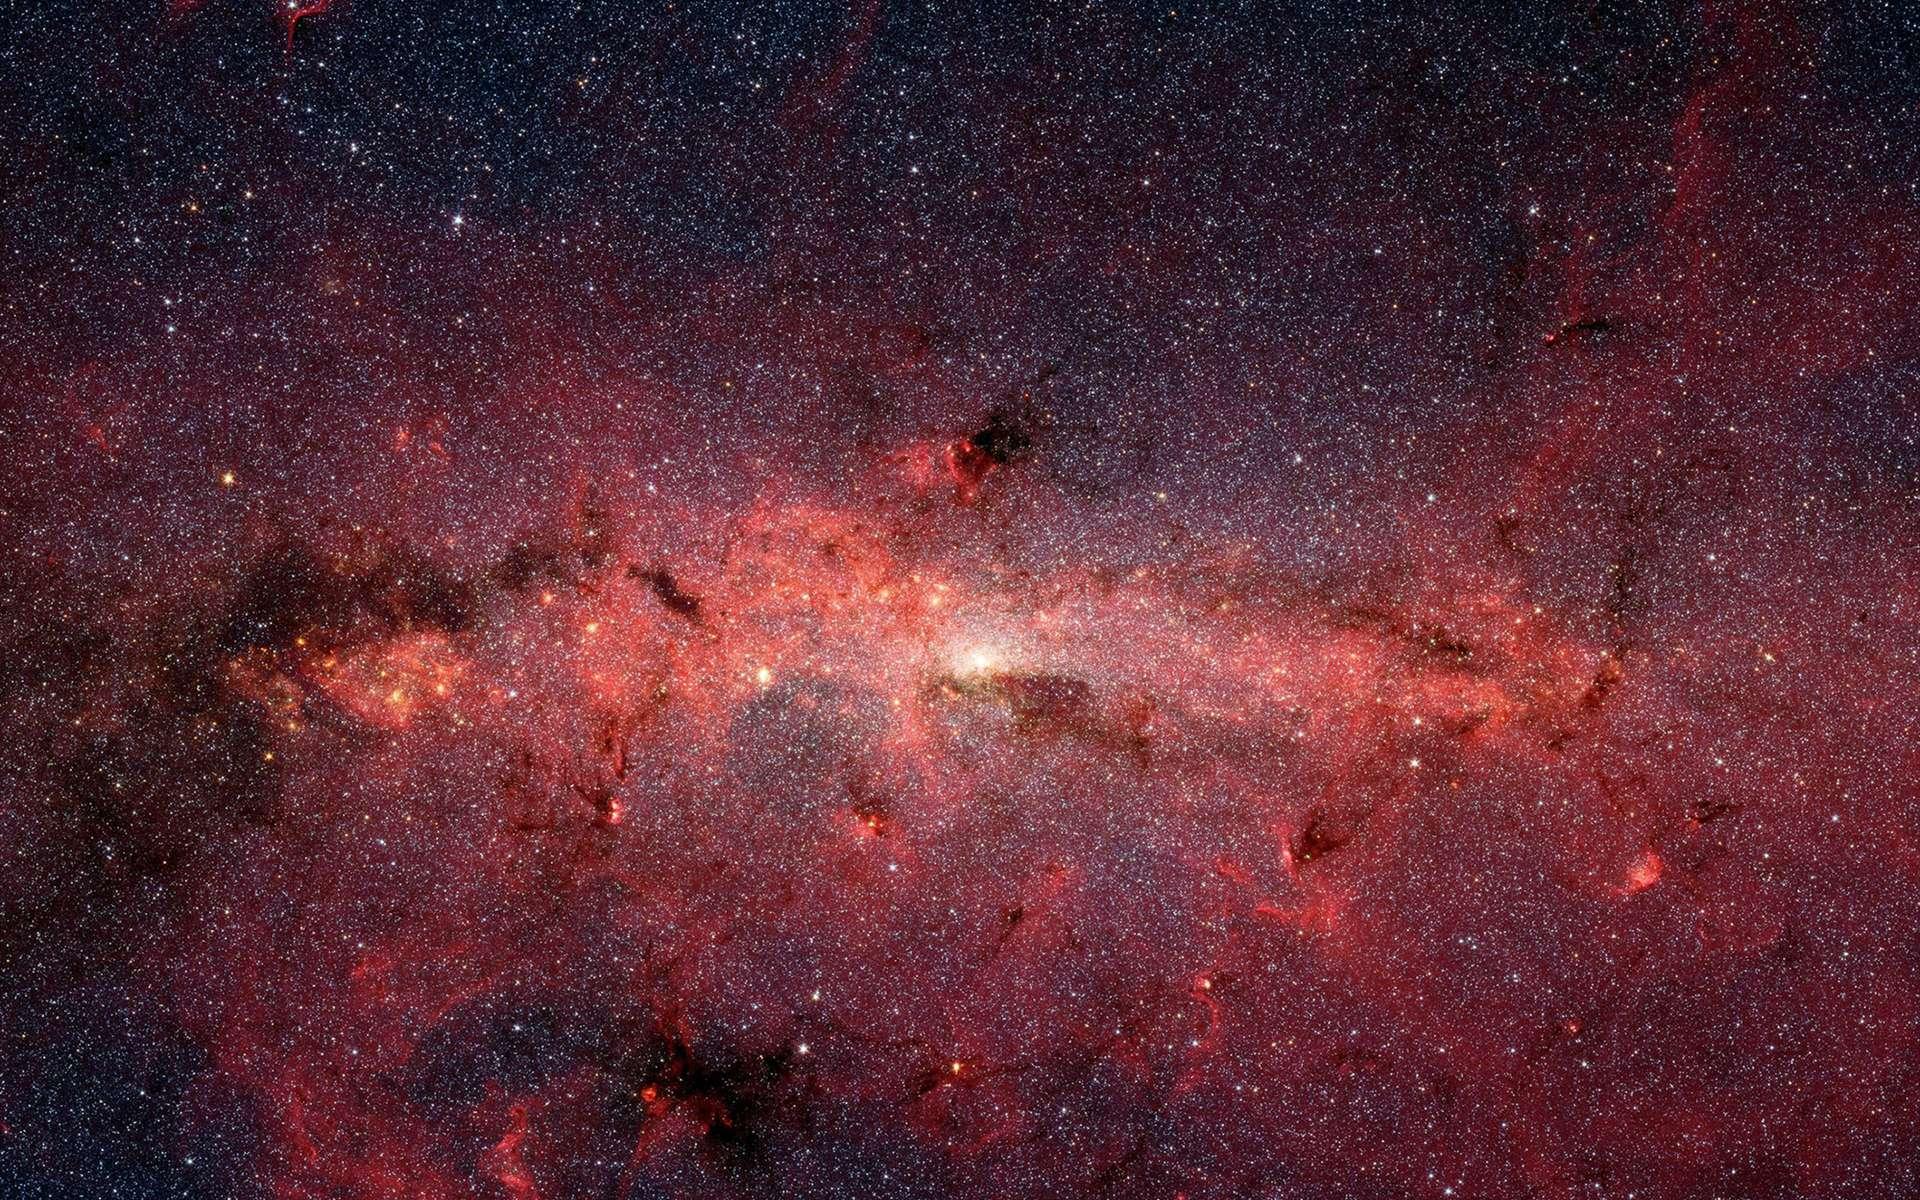 Le cœur de la Voie lactée vue par le télescope spatial Spitzer de la Nasa. © Nasa, JPL-Caltech, Susan Stolovy (SSC/Caltech) et al.